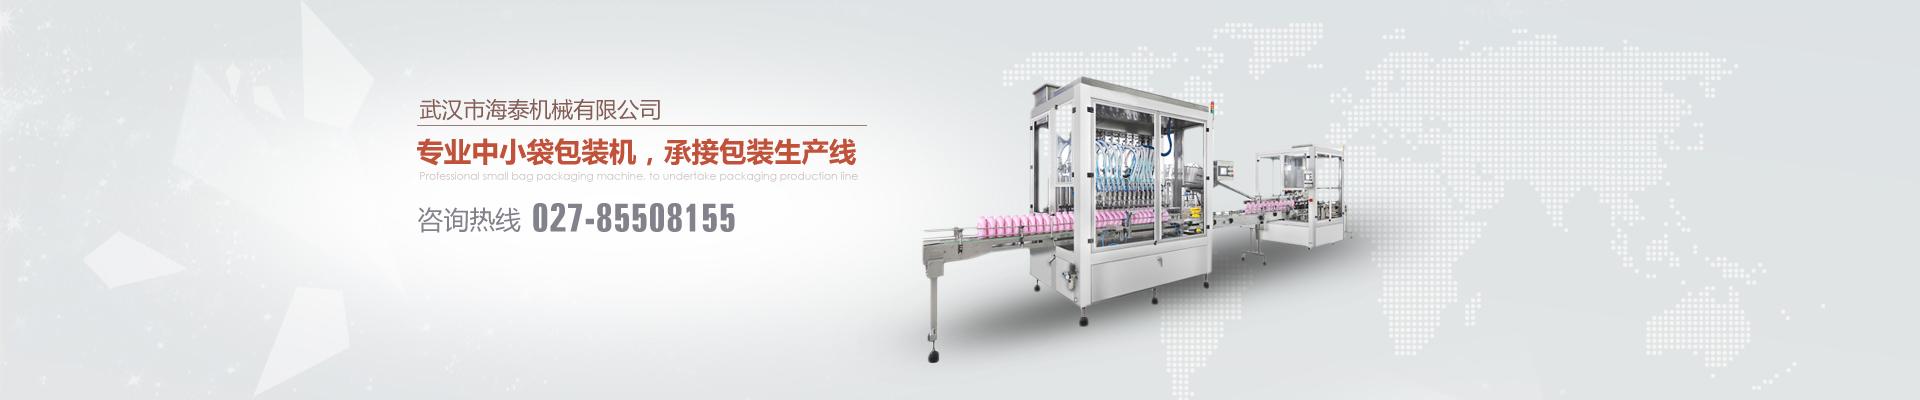 辣椒酱灌装机-酱料灌装机-给袋式包装机-酱料包装机-全自动包装机-粉末包装机